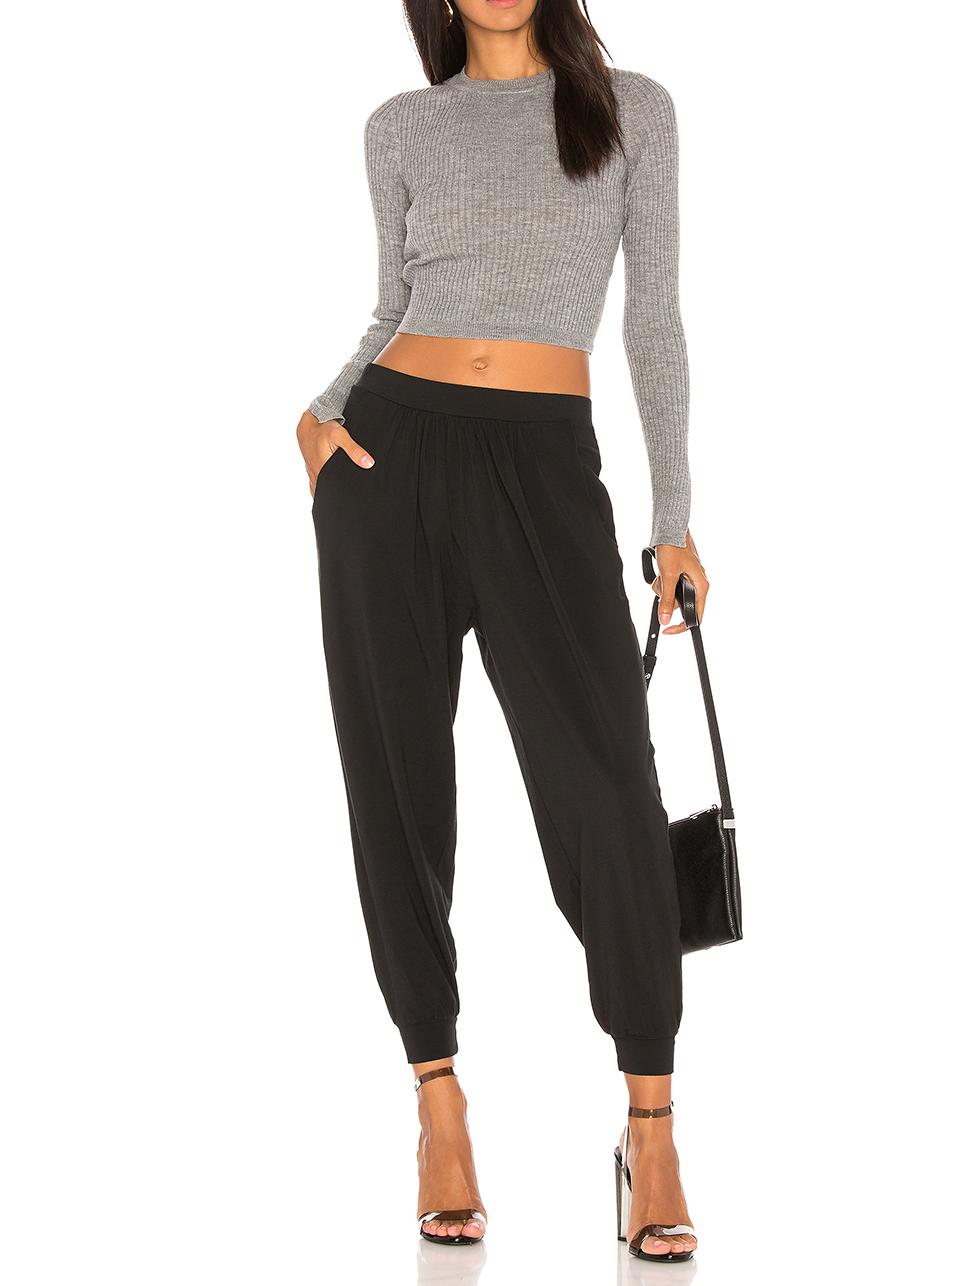 Mujeres Jersey Jogger Suave Tela Transpirable Sueltas Damas Deportes Pantalones Y Pantalones Buy Pantalones De Jogger Para Mujer Pantalones Deportivos Sueltos Pantalones Para Mujer Product On Alibaba Com